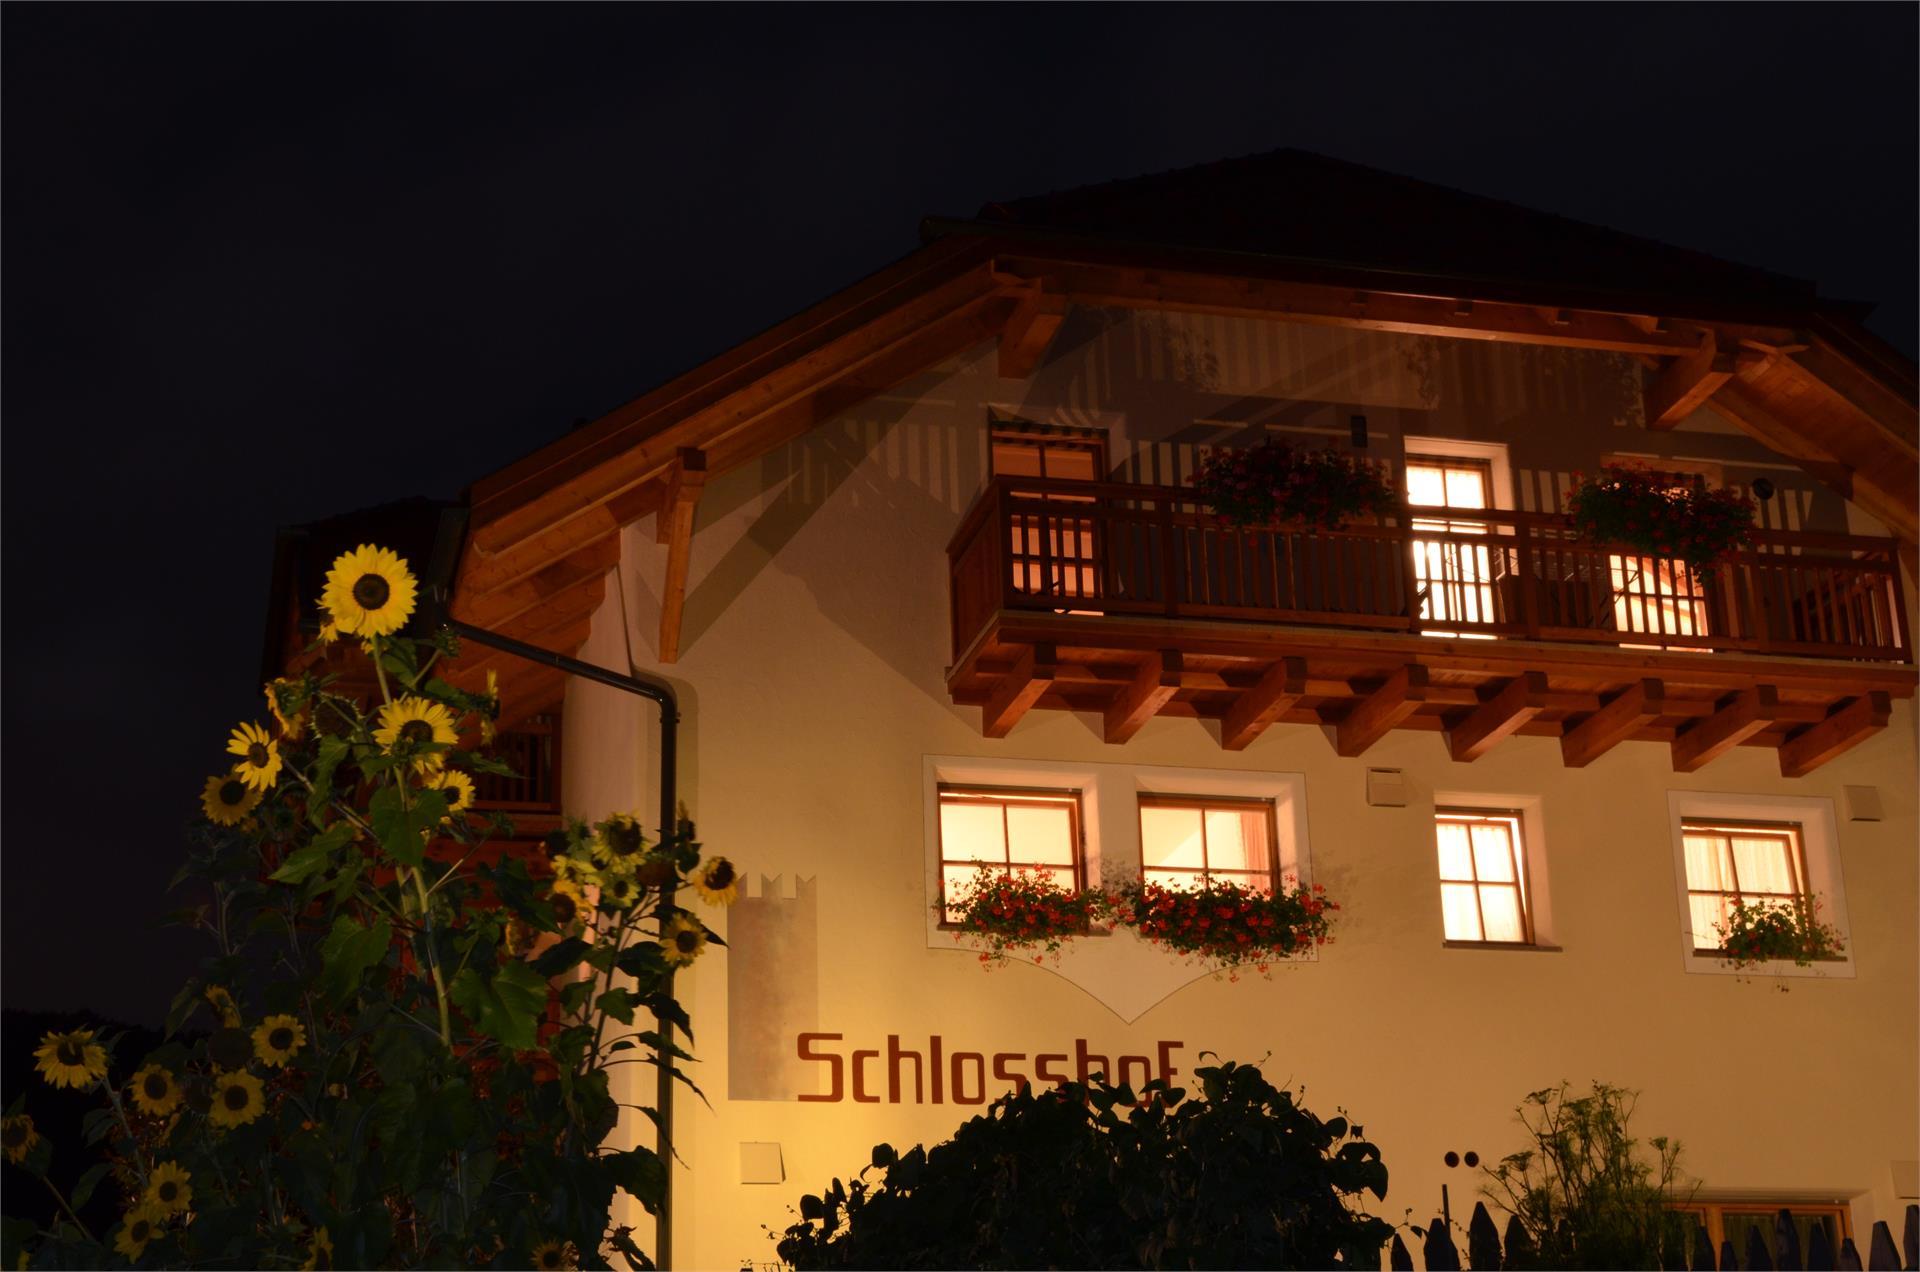 Schlosshof Nacht